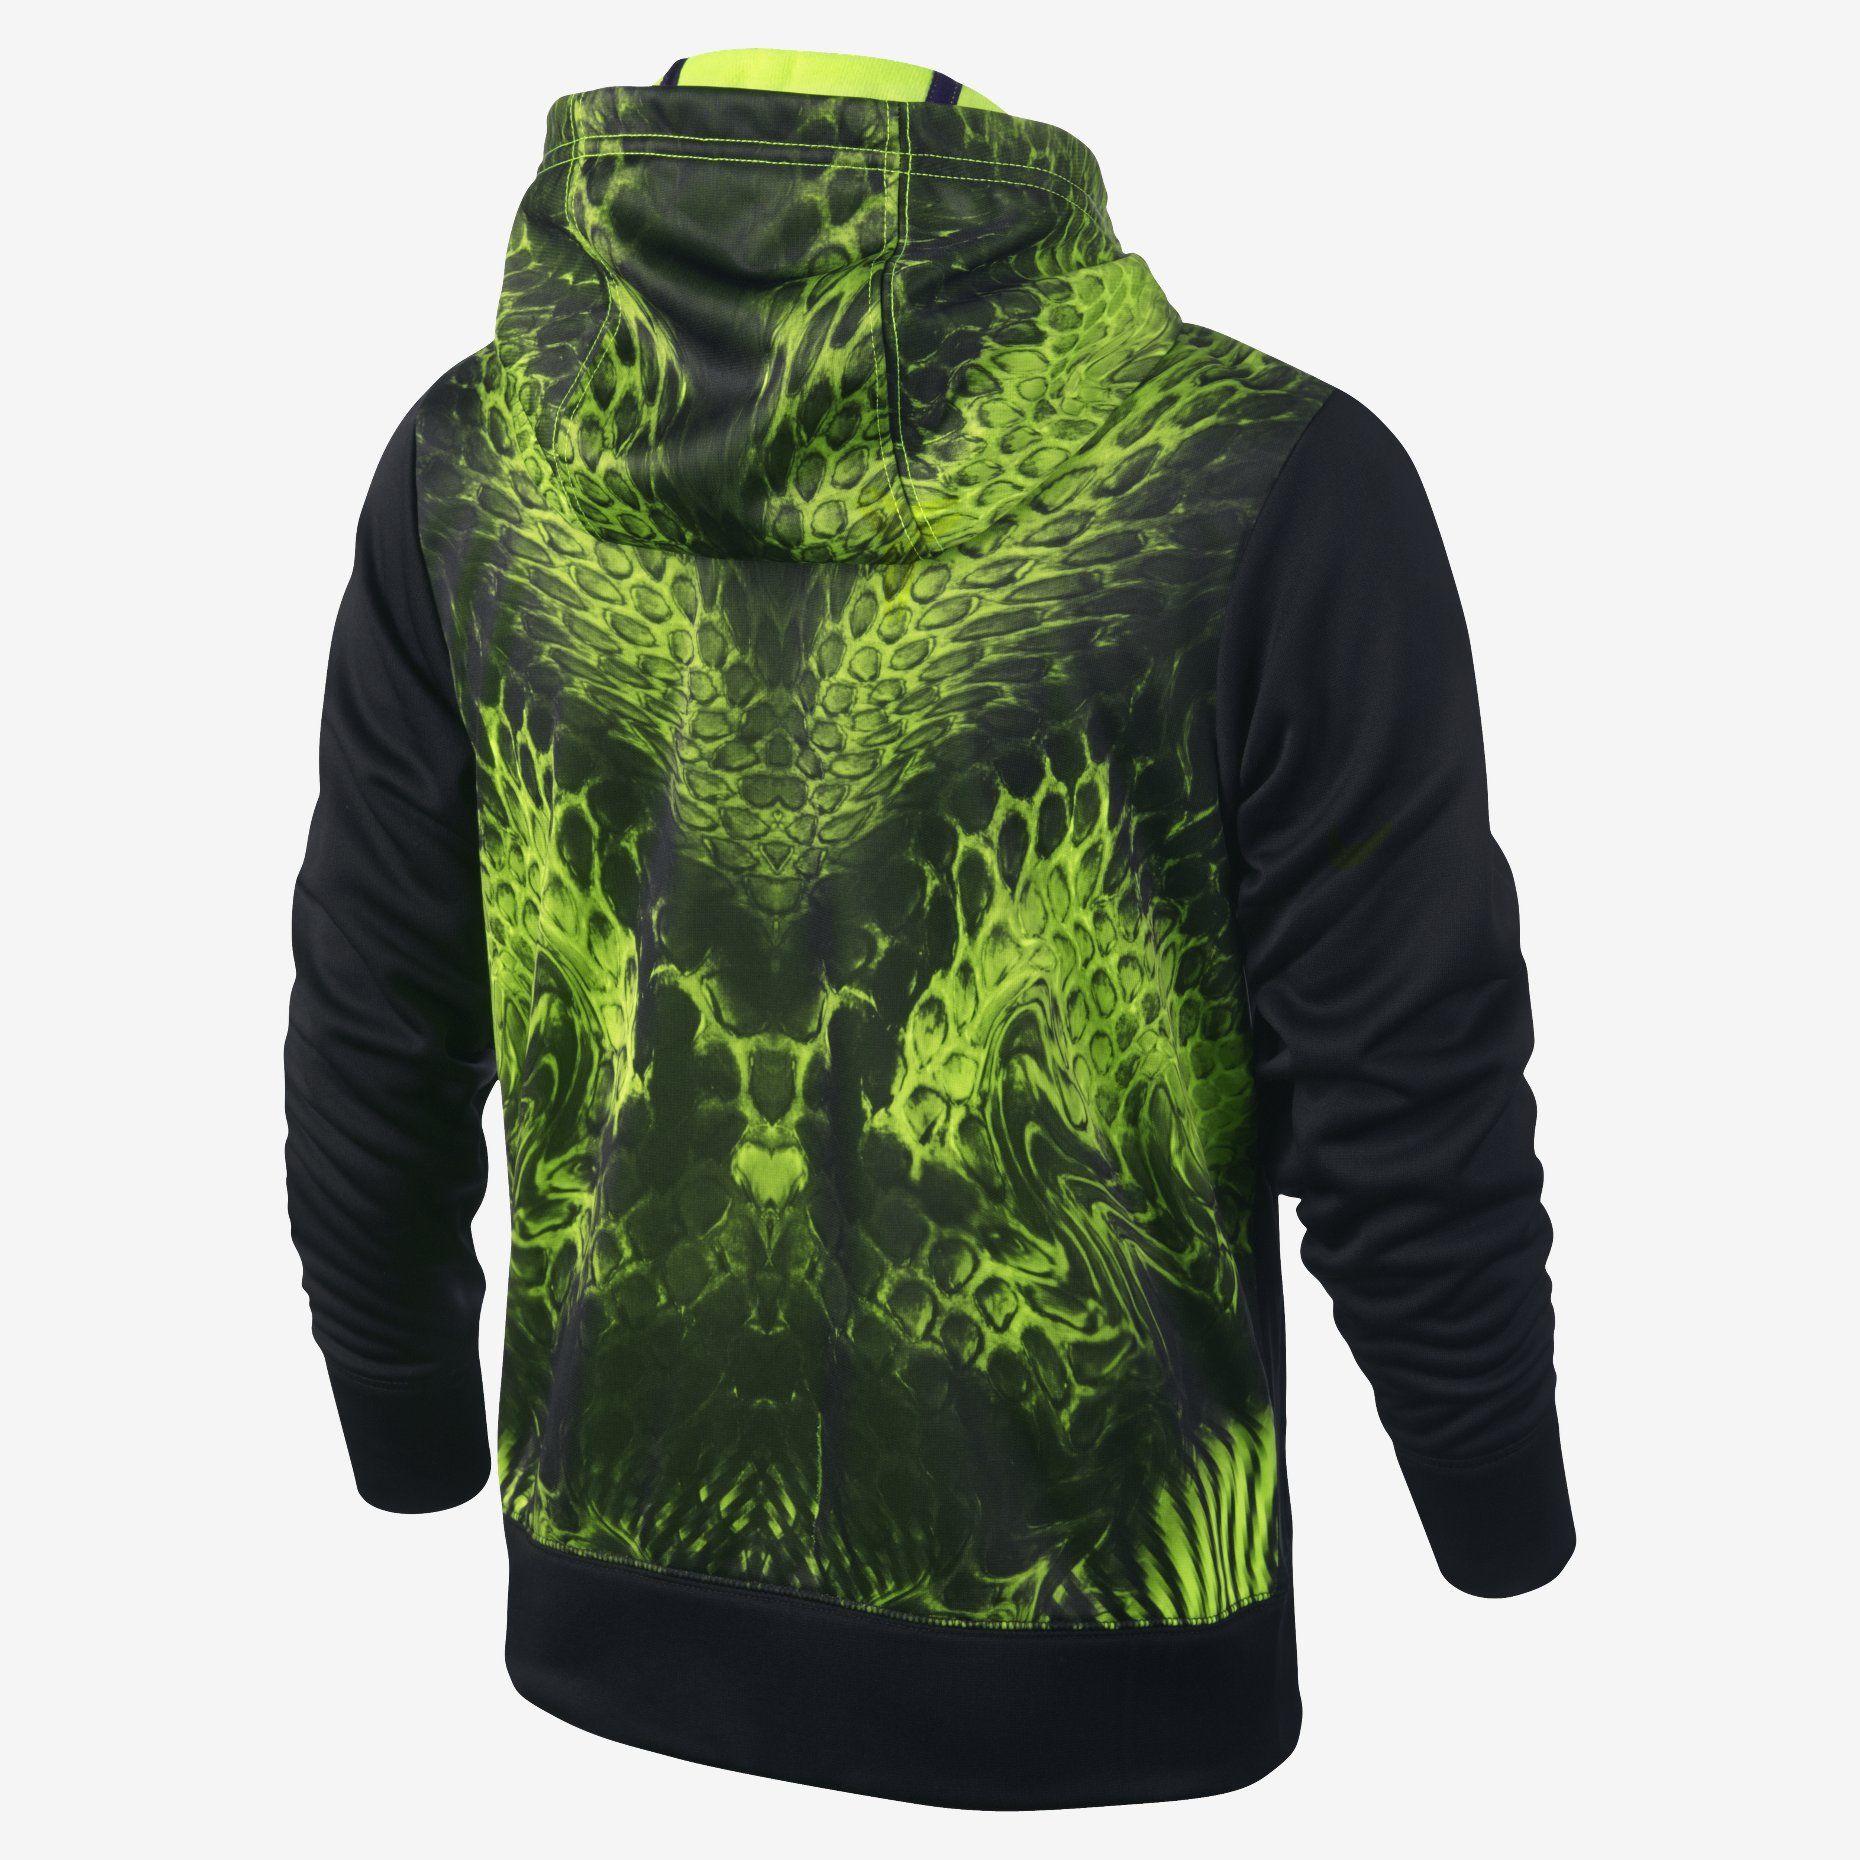 Nike Store UK. Kobe Performance Full-Zip (8y-15y) Boys'